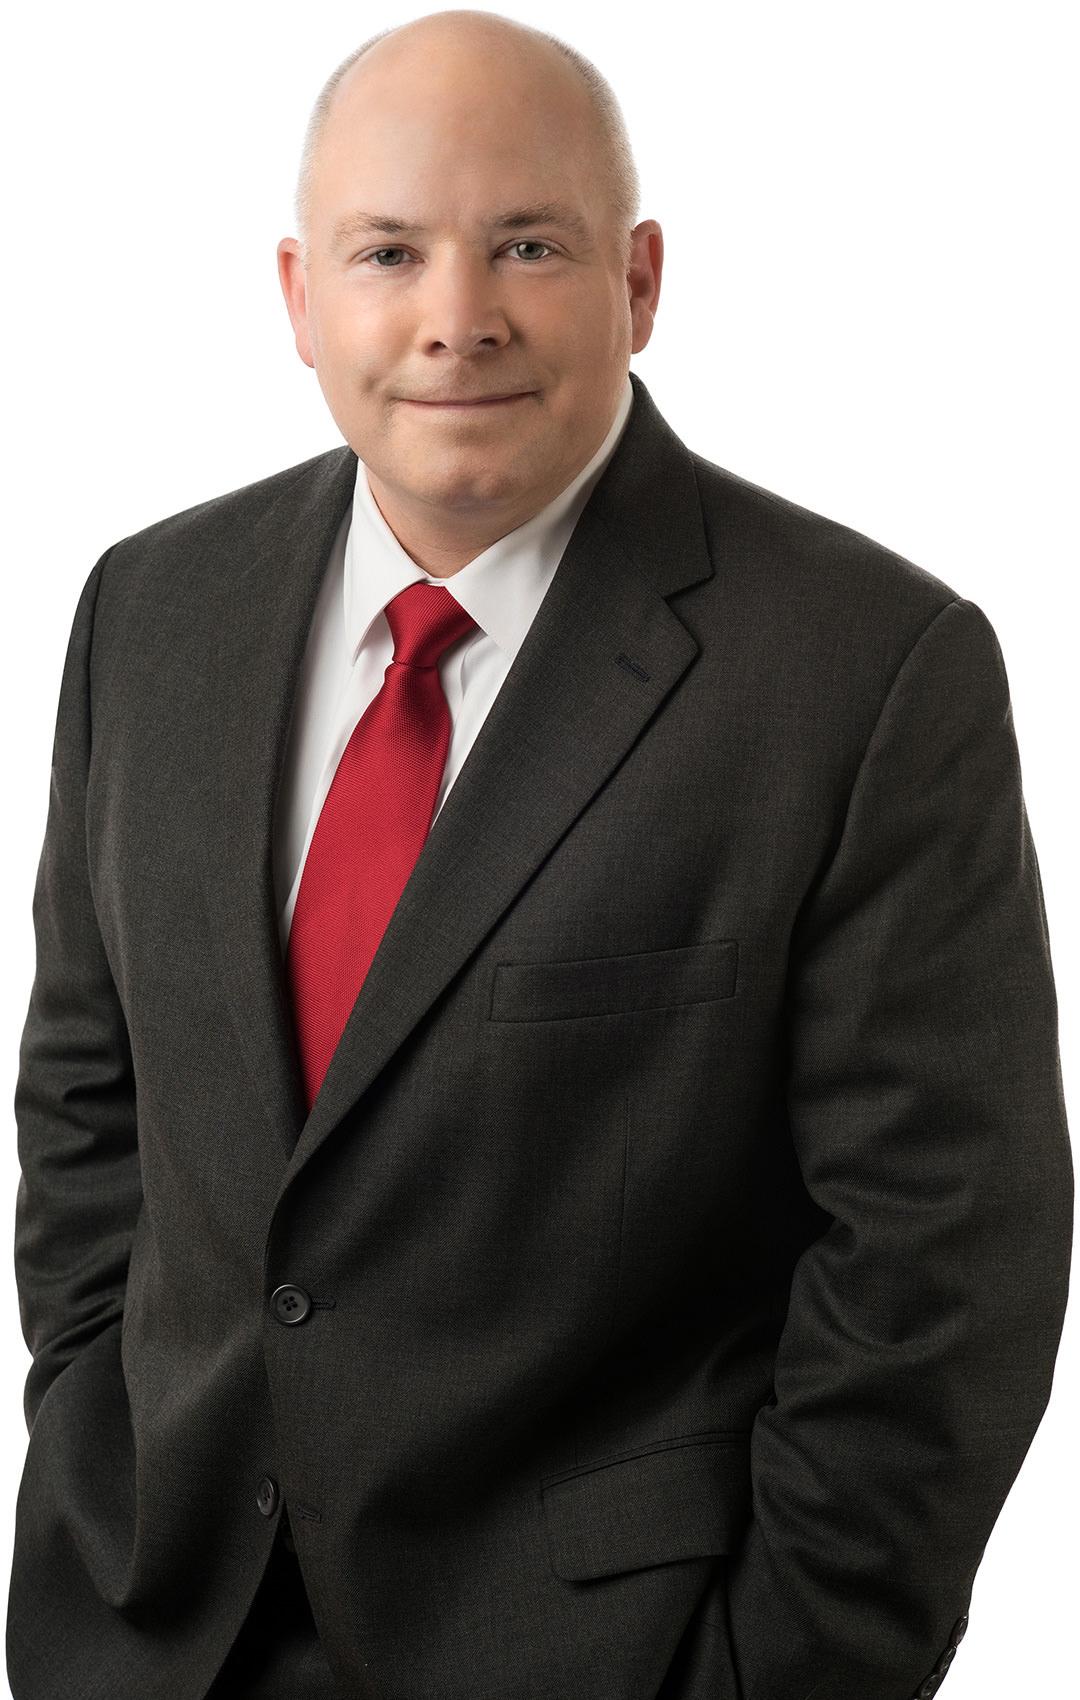 William H. Latham